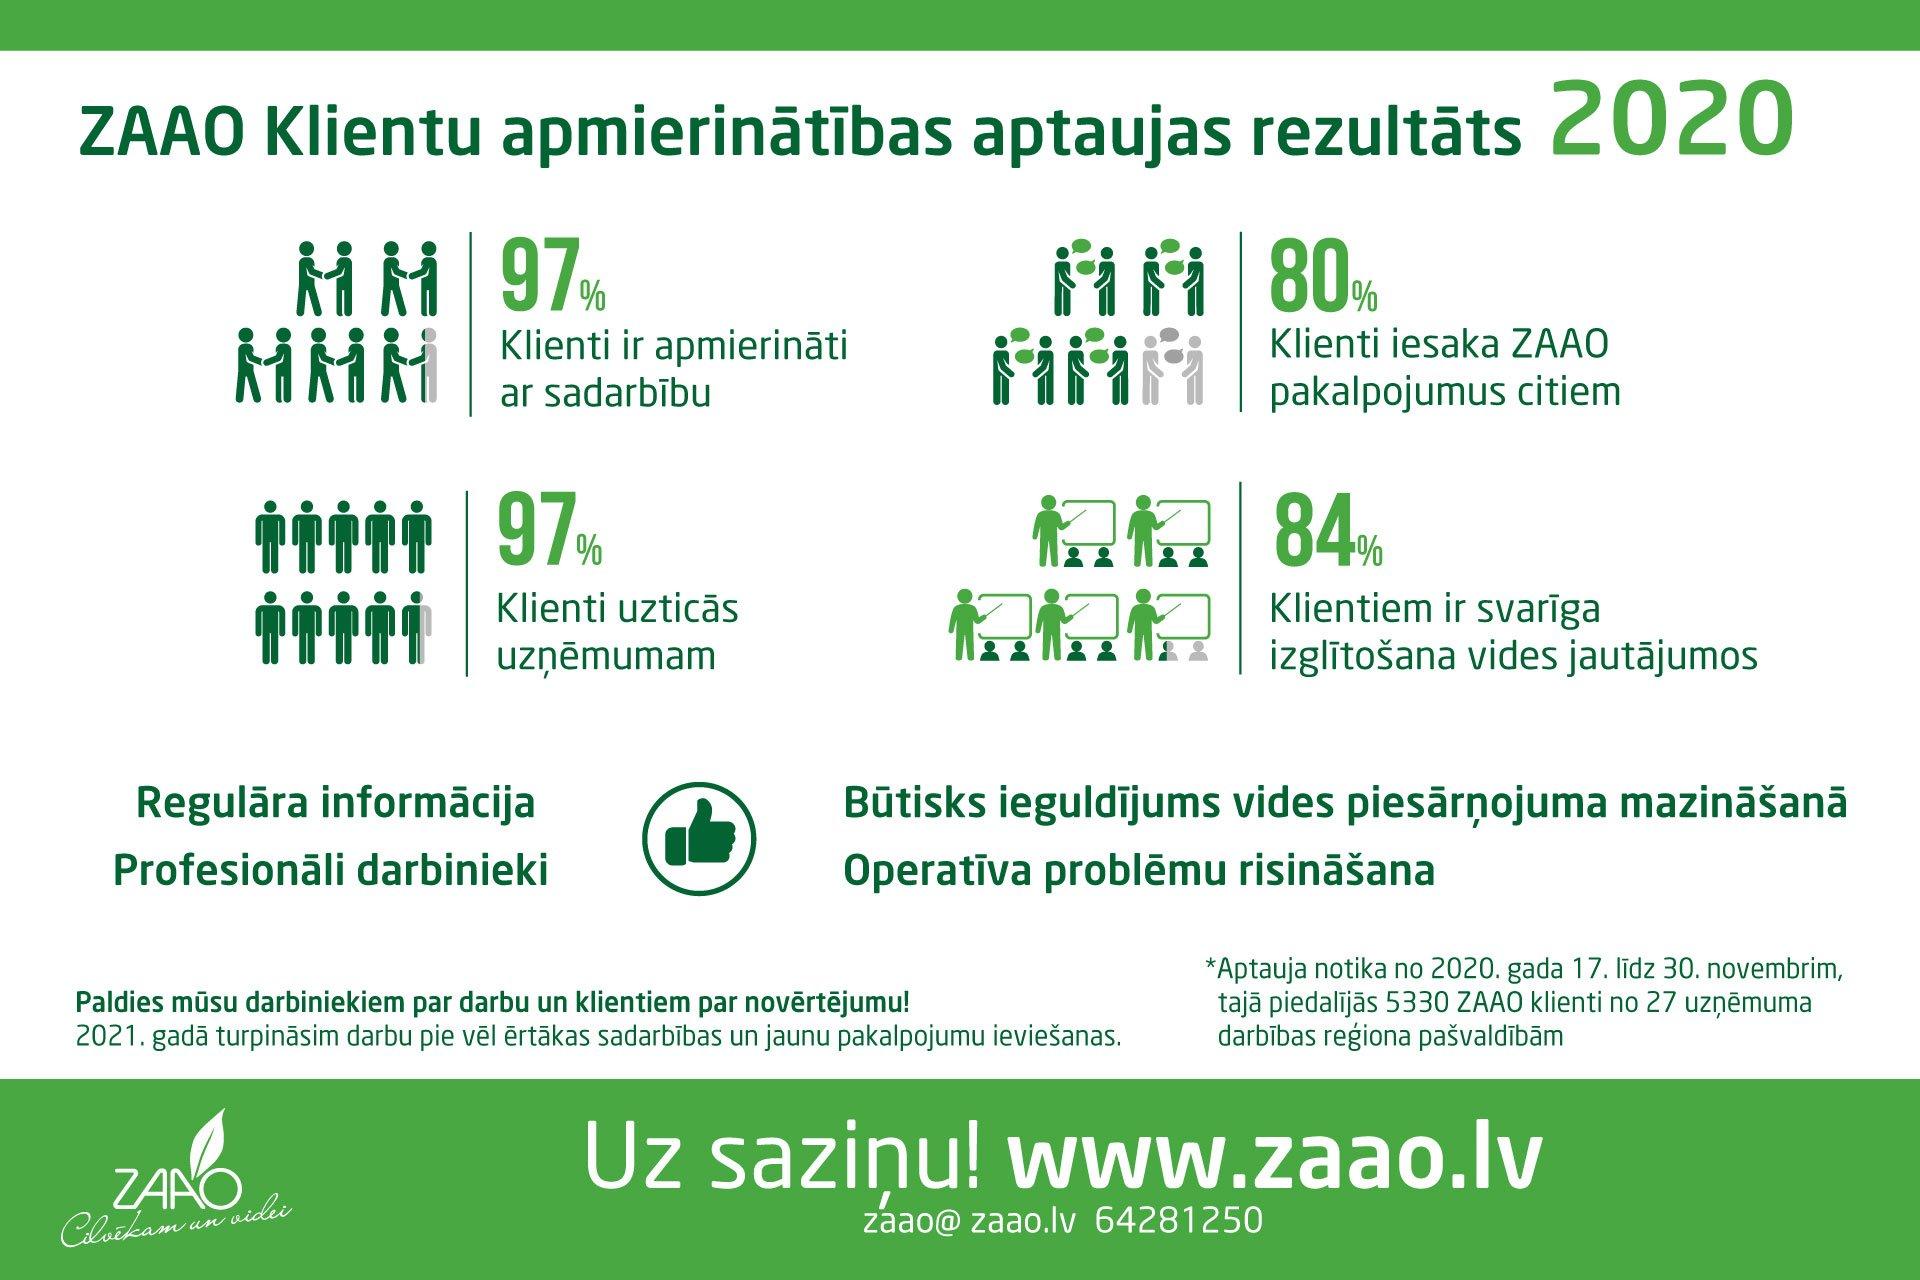 ZAAO klienti atzinīgi novērtē sadarbību atkritumu apsaimniekošanā